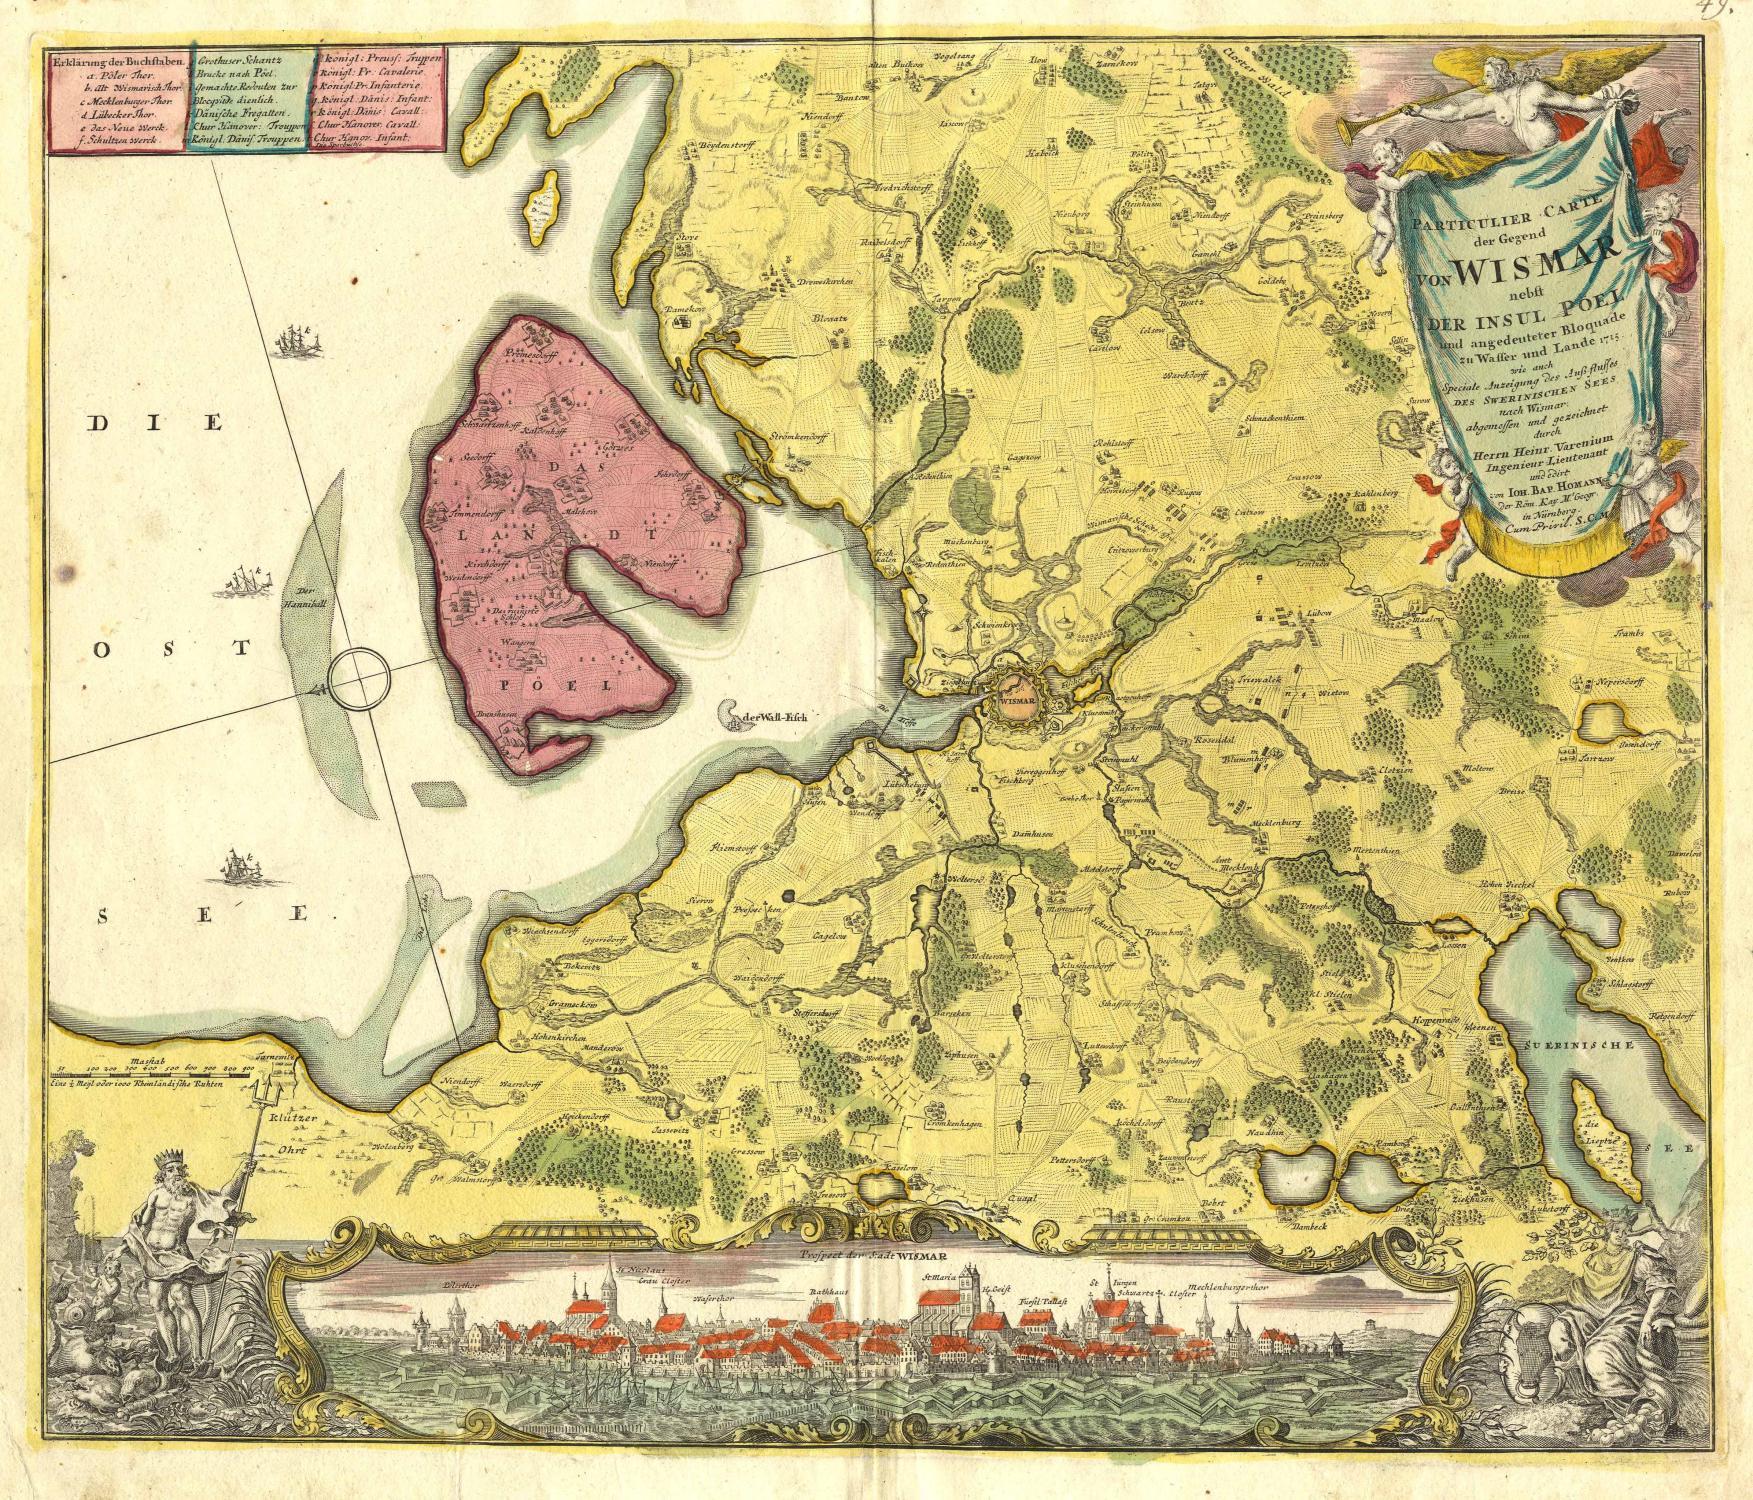 Karte Insel Poel Und Umgebung.Gesamtansicht Daruber Karte Des Grossraums